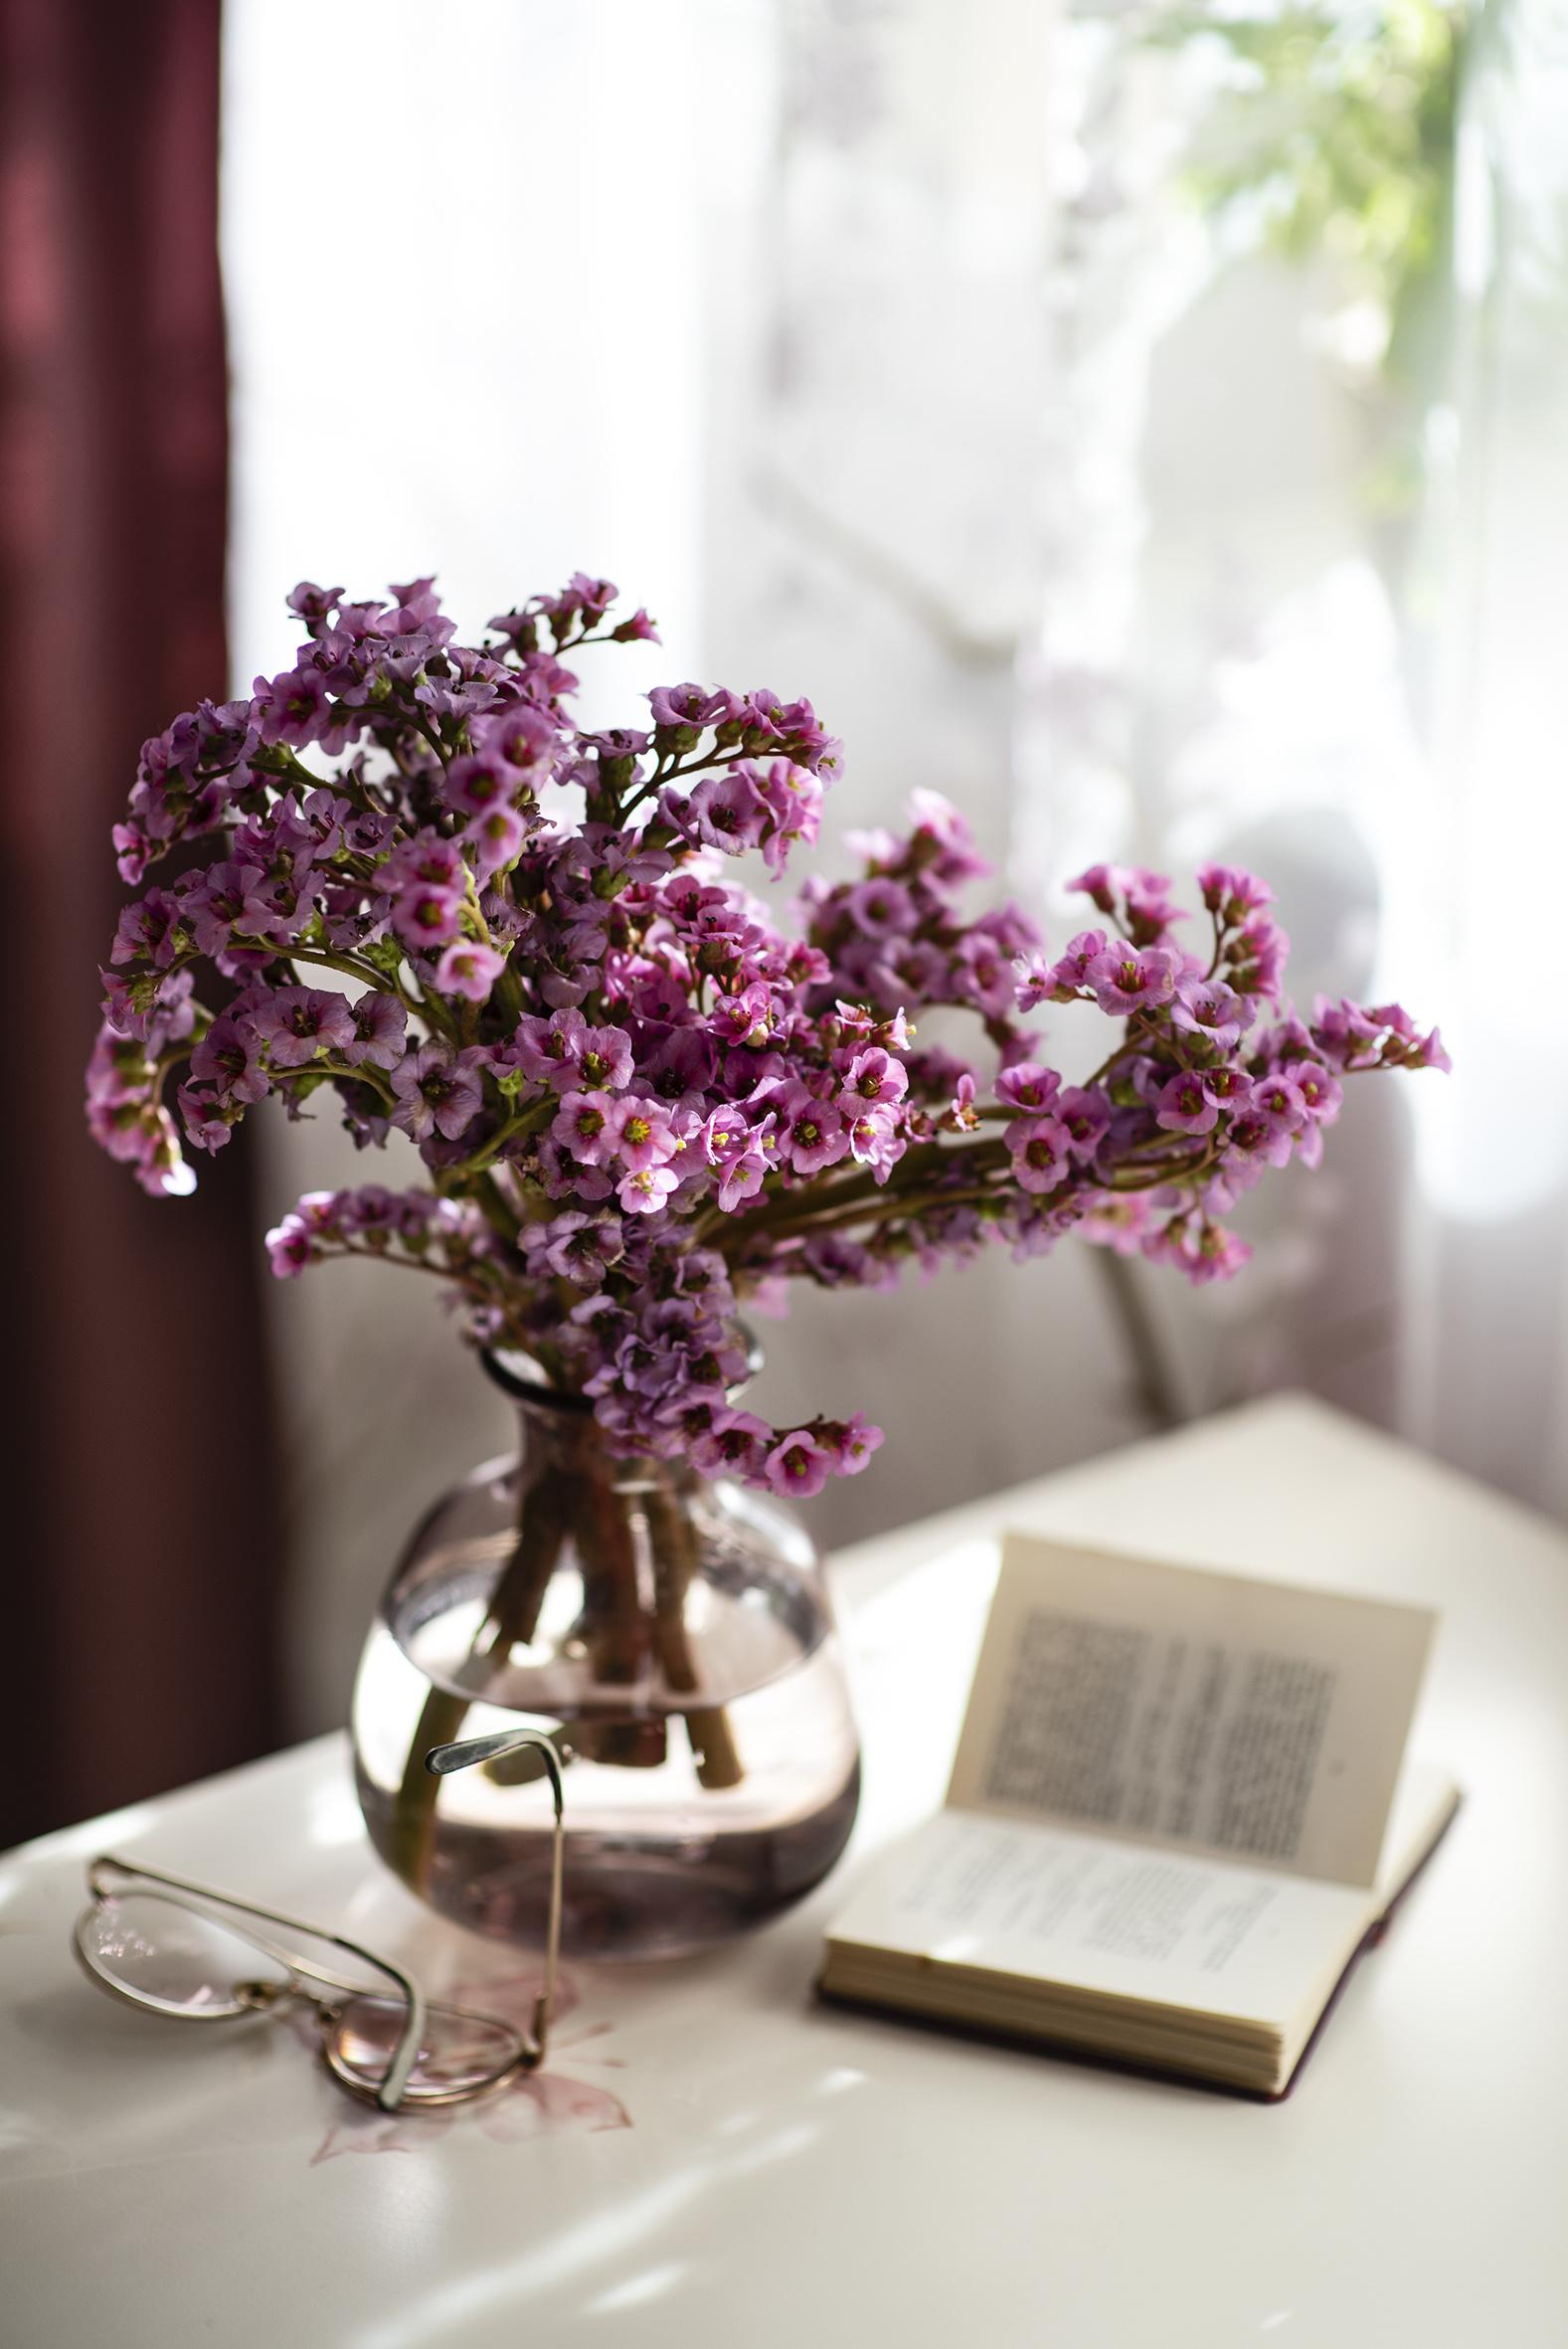 Фотографии Badan Цветы вазе книги очков Натюрморт  для мобильного телефона цветок Ваза вазы Очки Книга очках